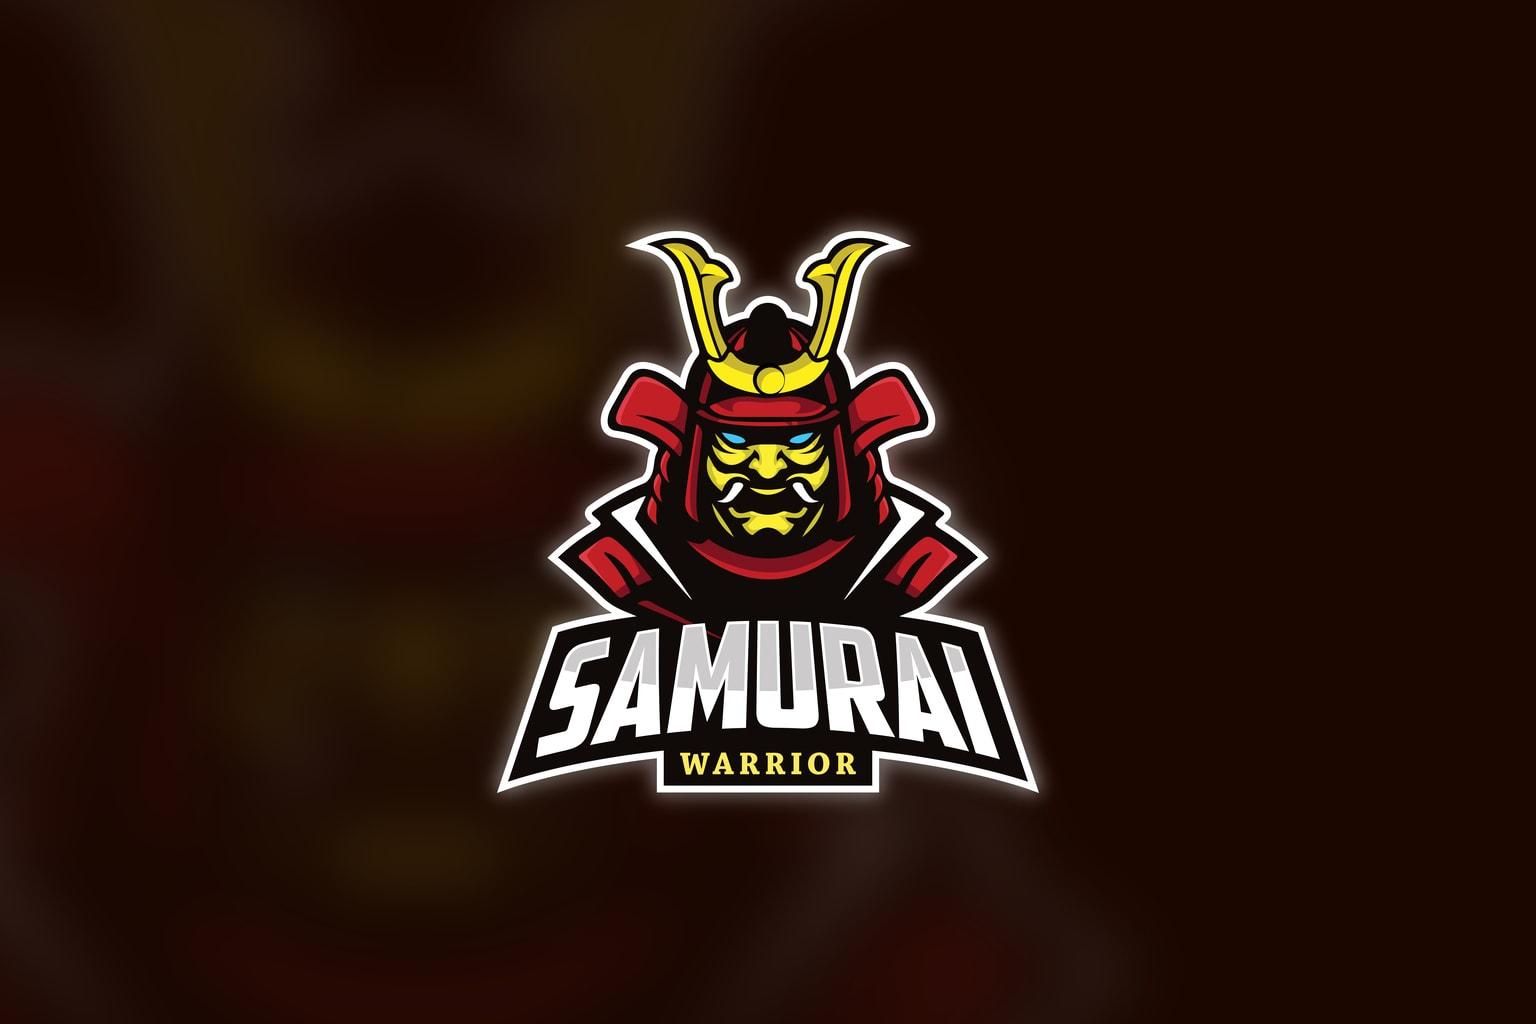 esport logo samurai warrior